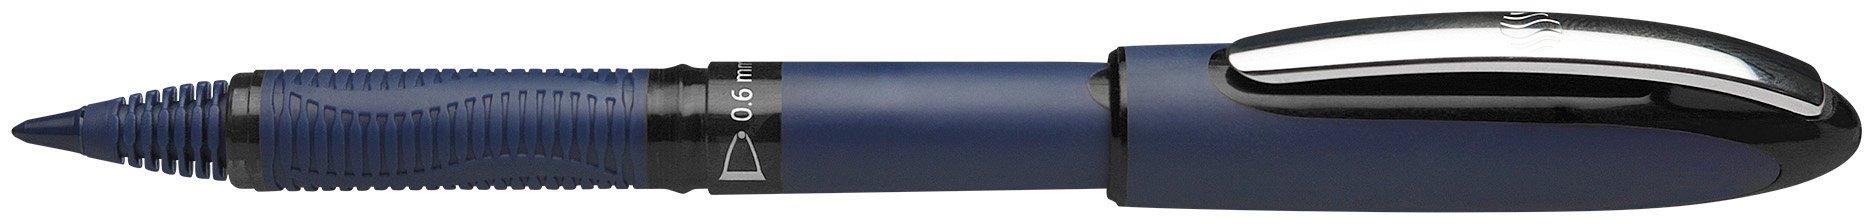 Schneider ONE Business Rollerball Pen, 0.6mm, Black, Box of 10 (183001) by Schneider (Image #4)